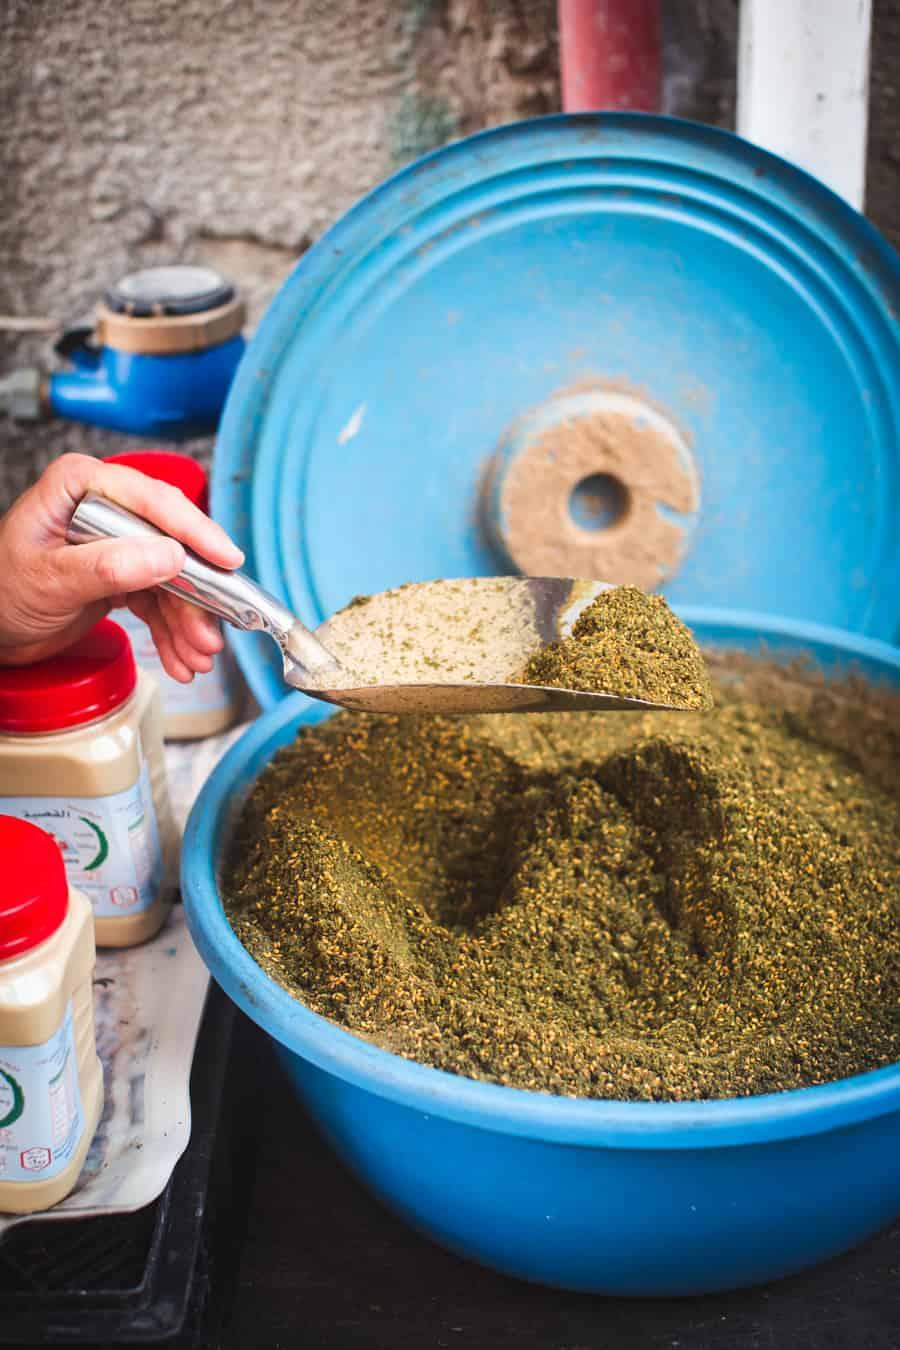 Za'atar at Vadi Nisnas market